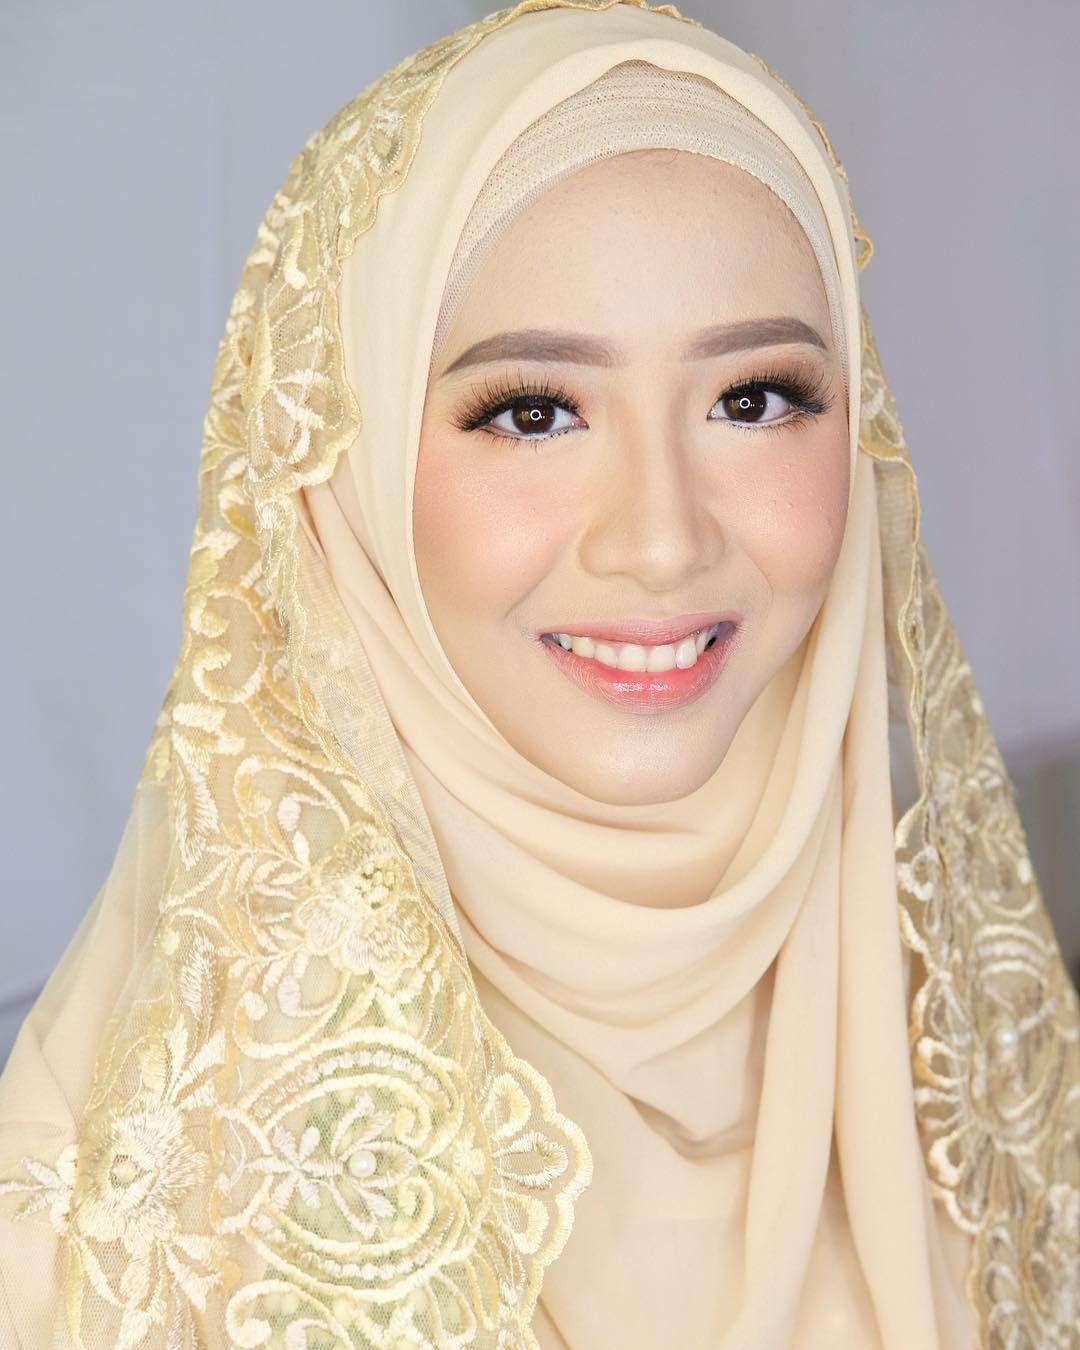 Pin Oleh Sha Di Wedding Muslim Pengantin Pengantin Wanita Gaun Pengantin Sederhana